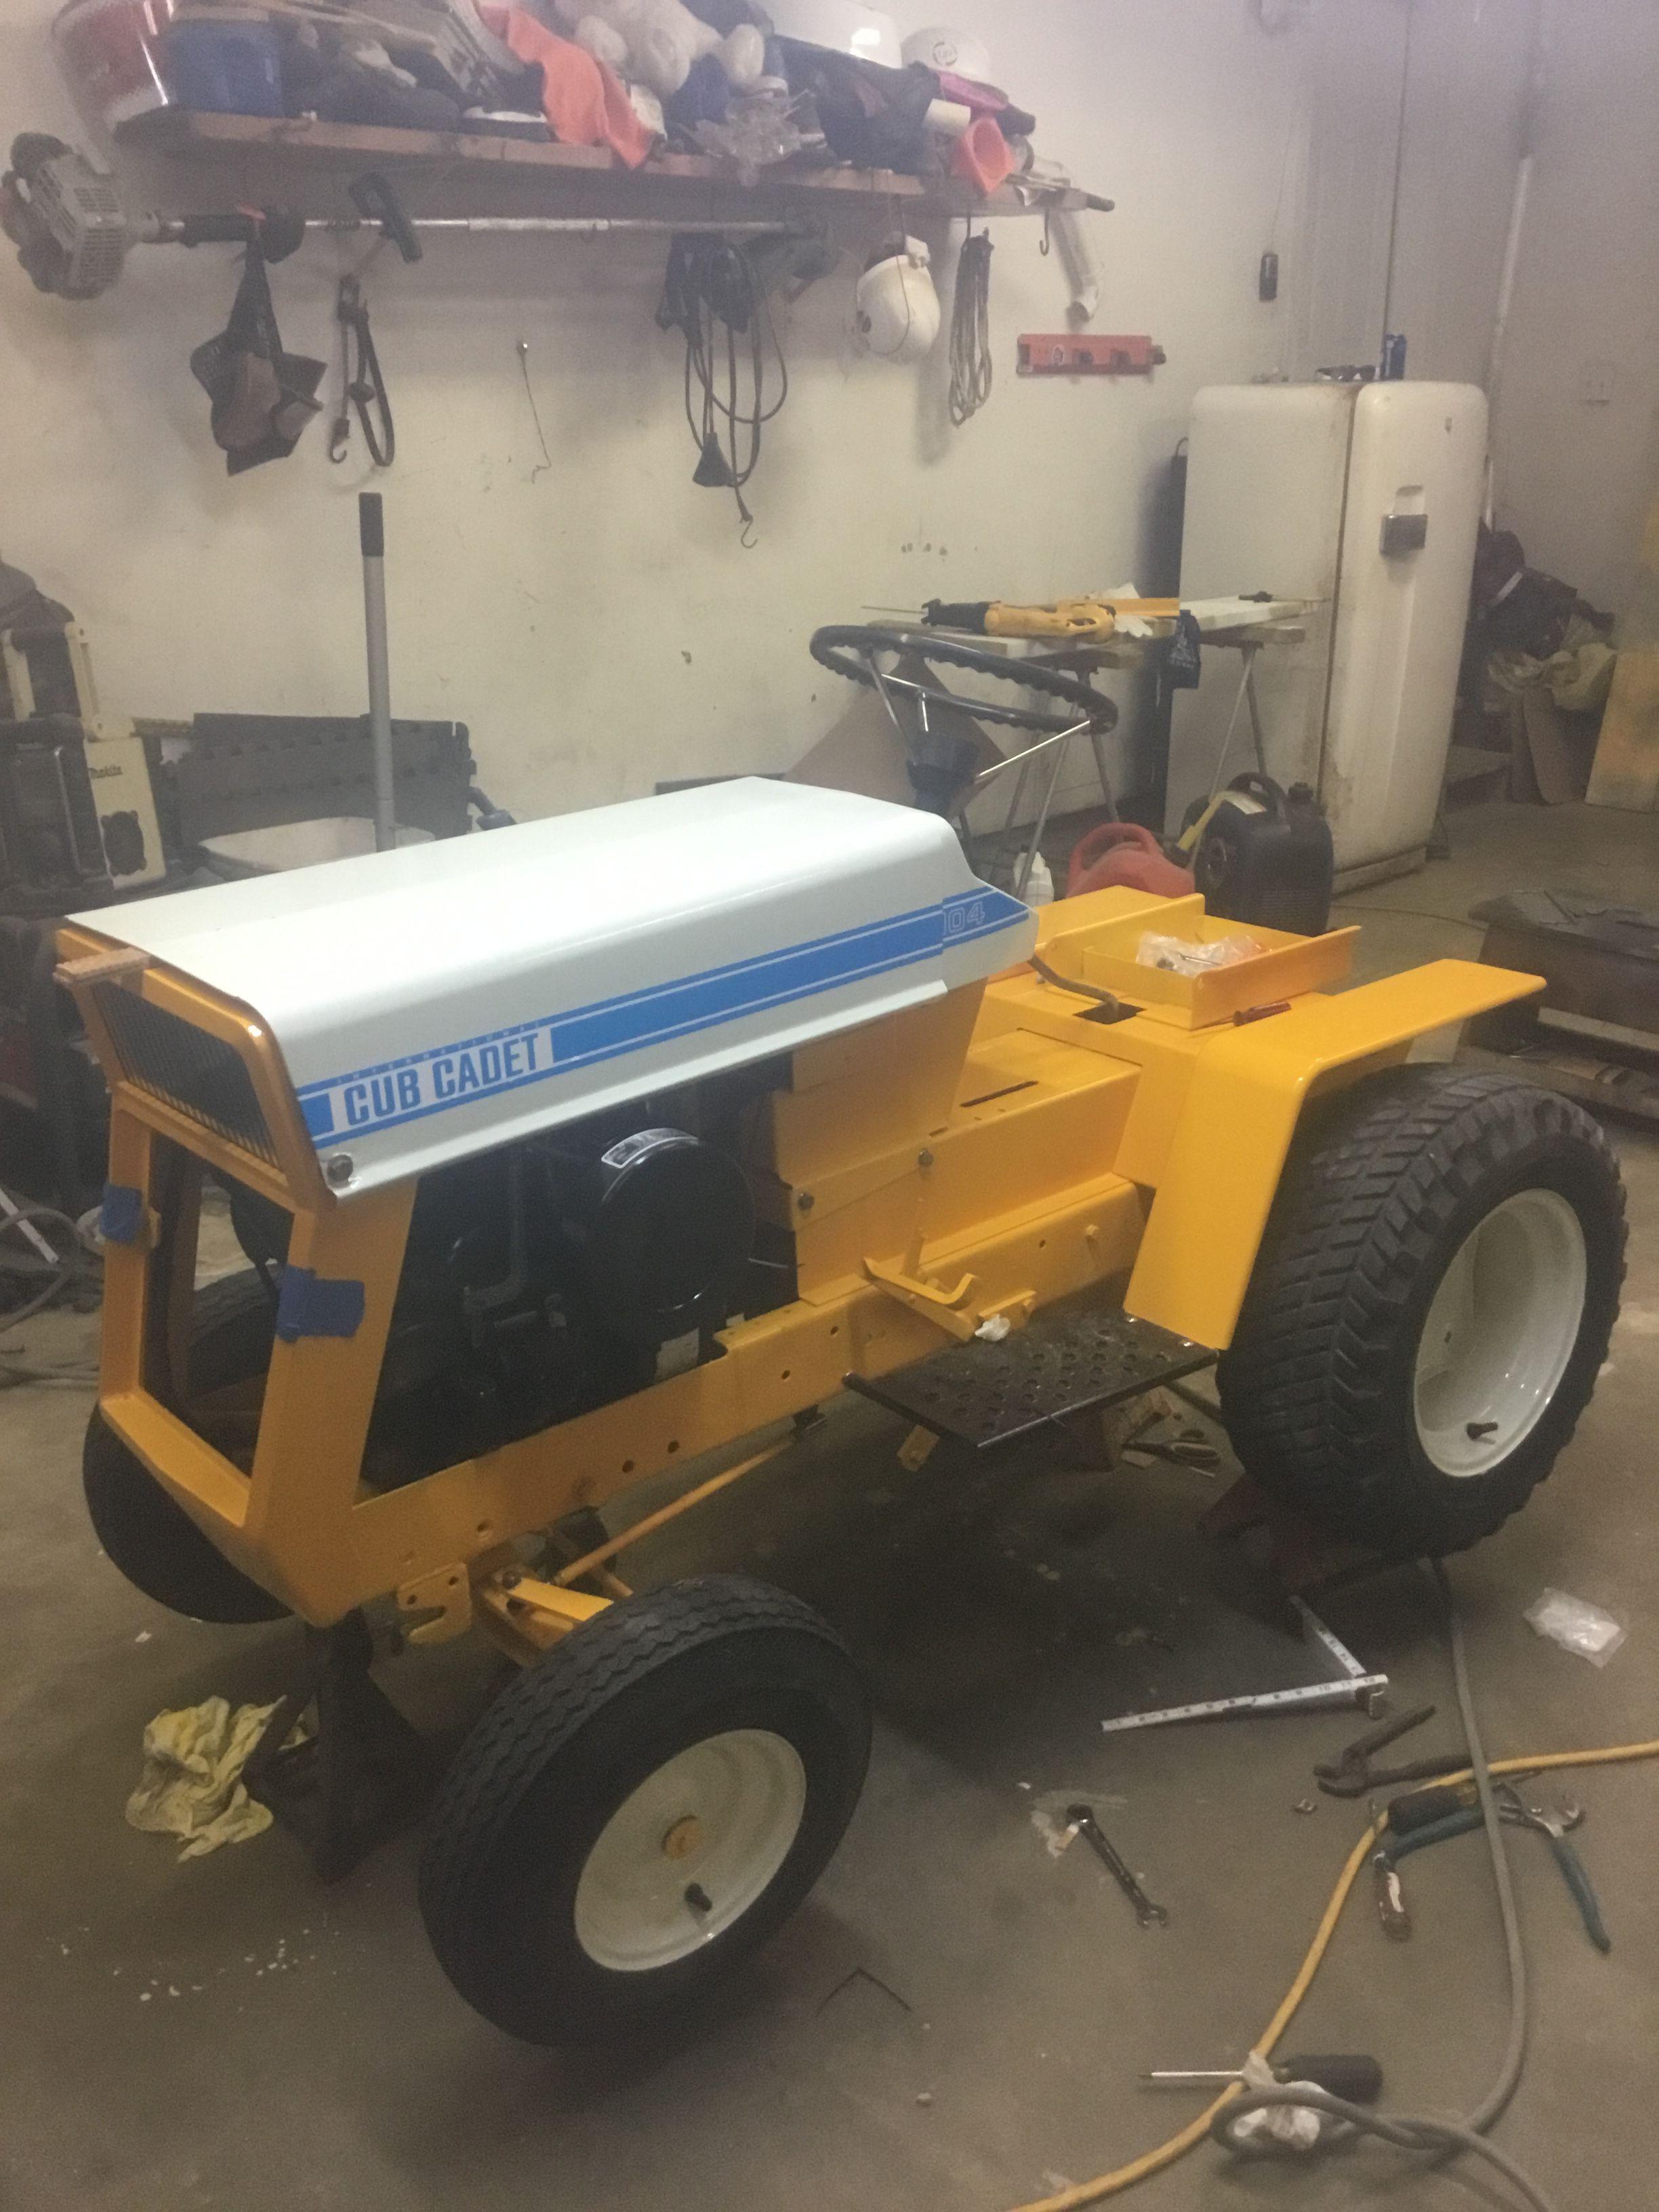 cub cadet 122 tractor w hydraulics snow blower plow 48 mower tiller creeper tony b cub cadet garden tractors for sale tractors [ 2448 x 3264 Pixel ]